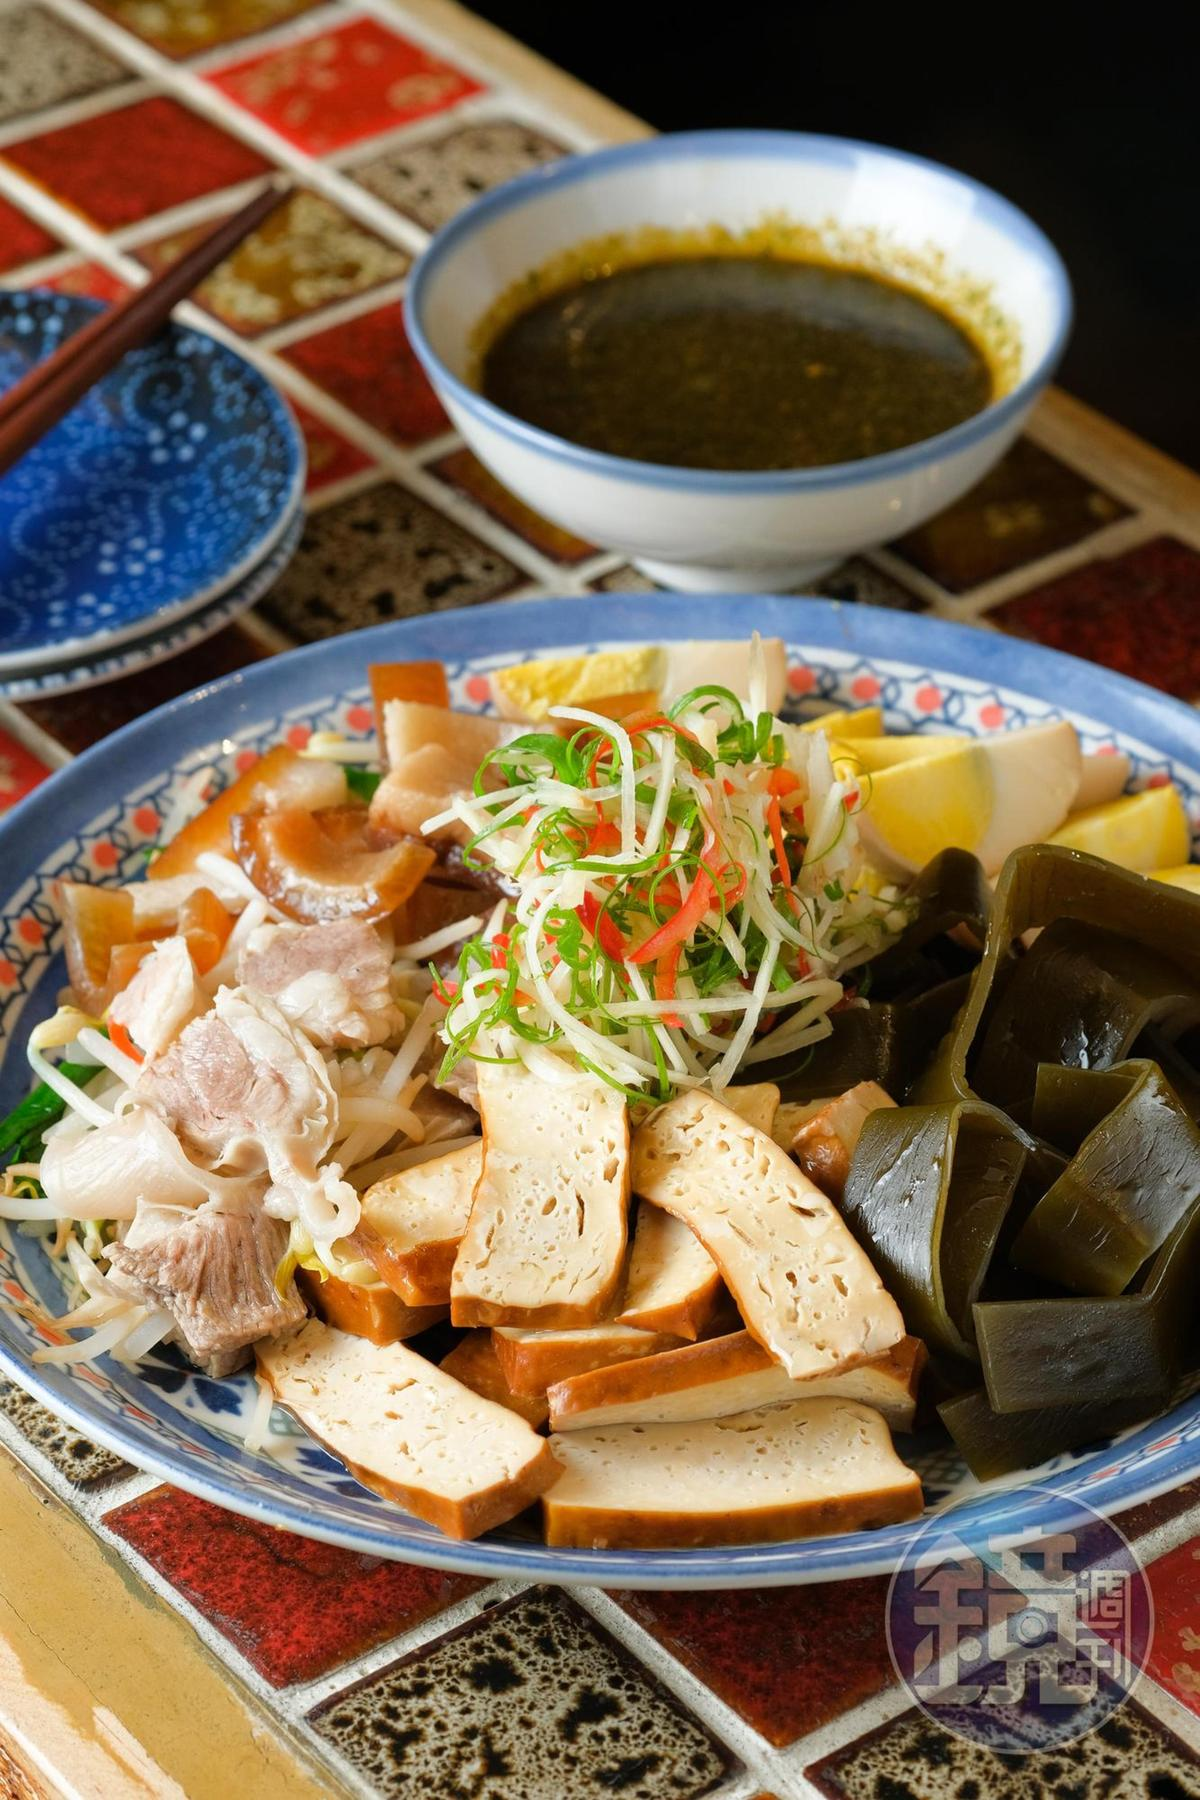 綜合台式黑白切的「在一起」,蘸九層塔蒜蓉醬,風味格外特別,(299元/份)